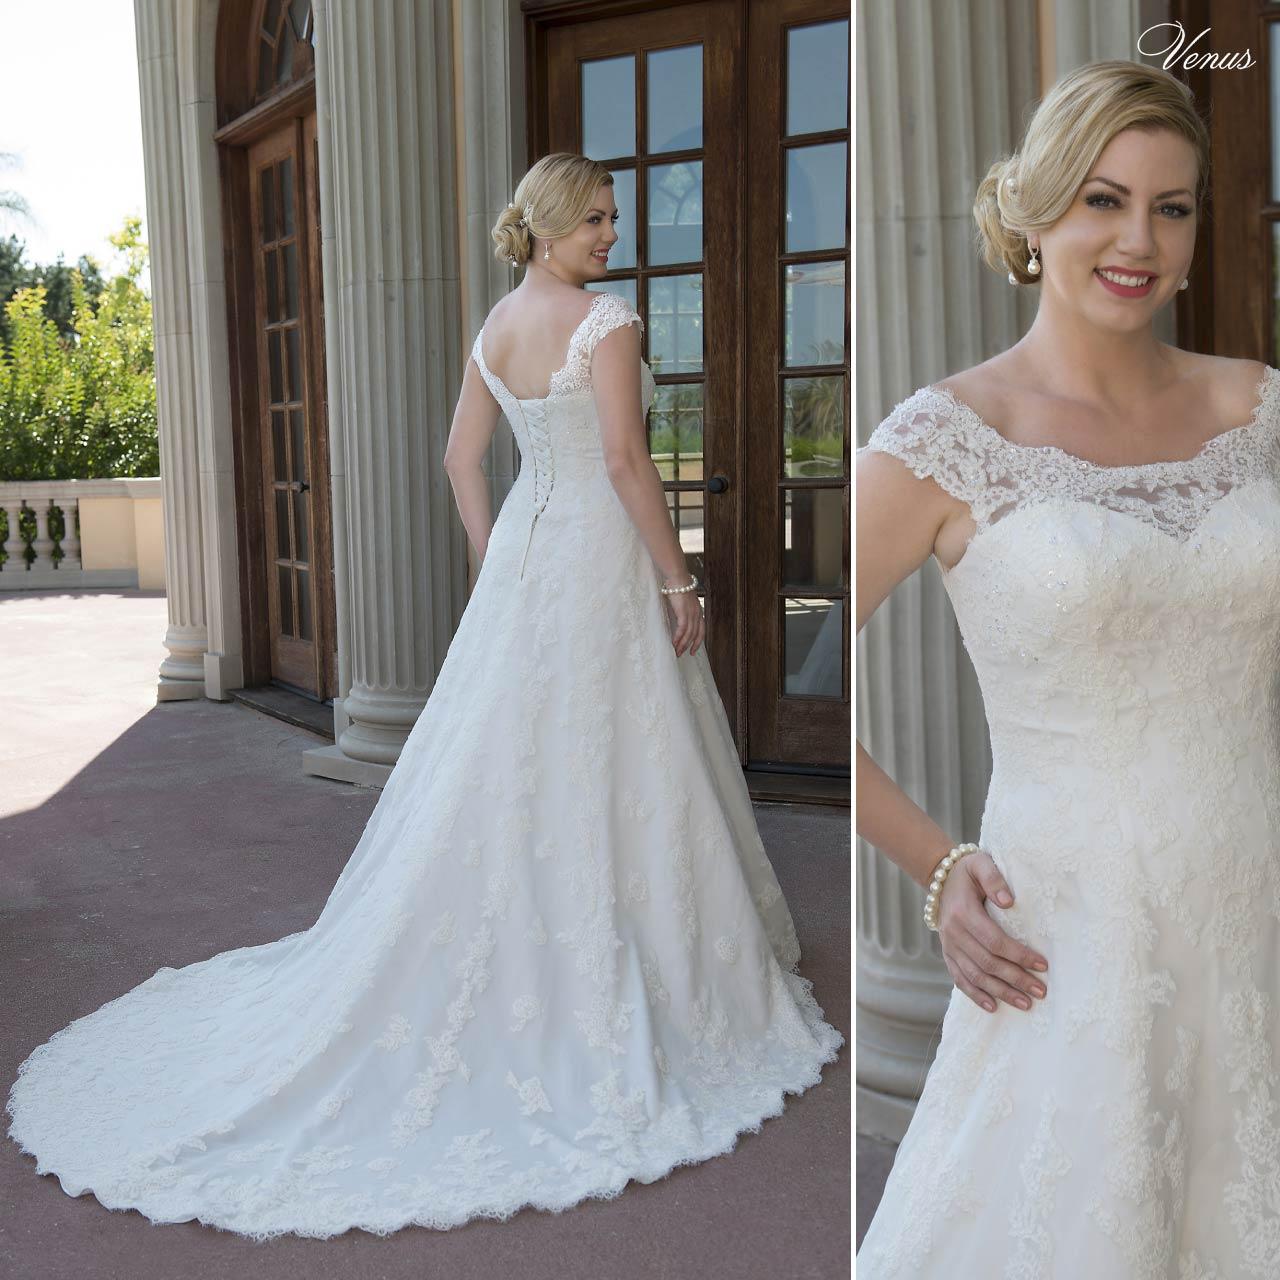 ... Abito da sposa lungo per taglie forti in pizzo bianco articolo VW8742 Venus  Bridal Italia 0dde9c461cb